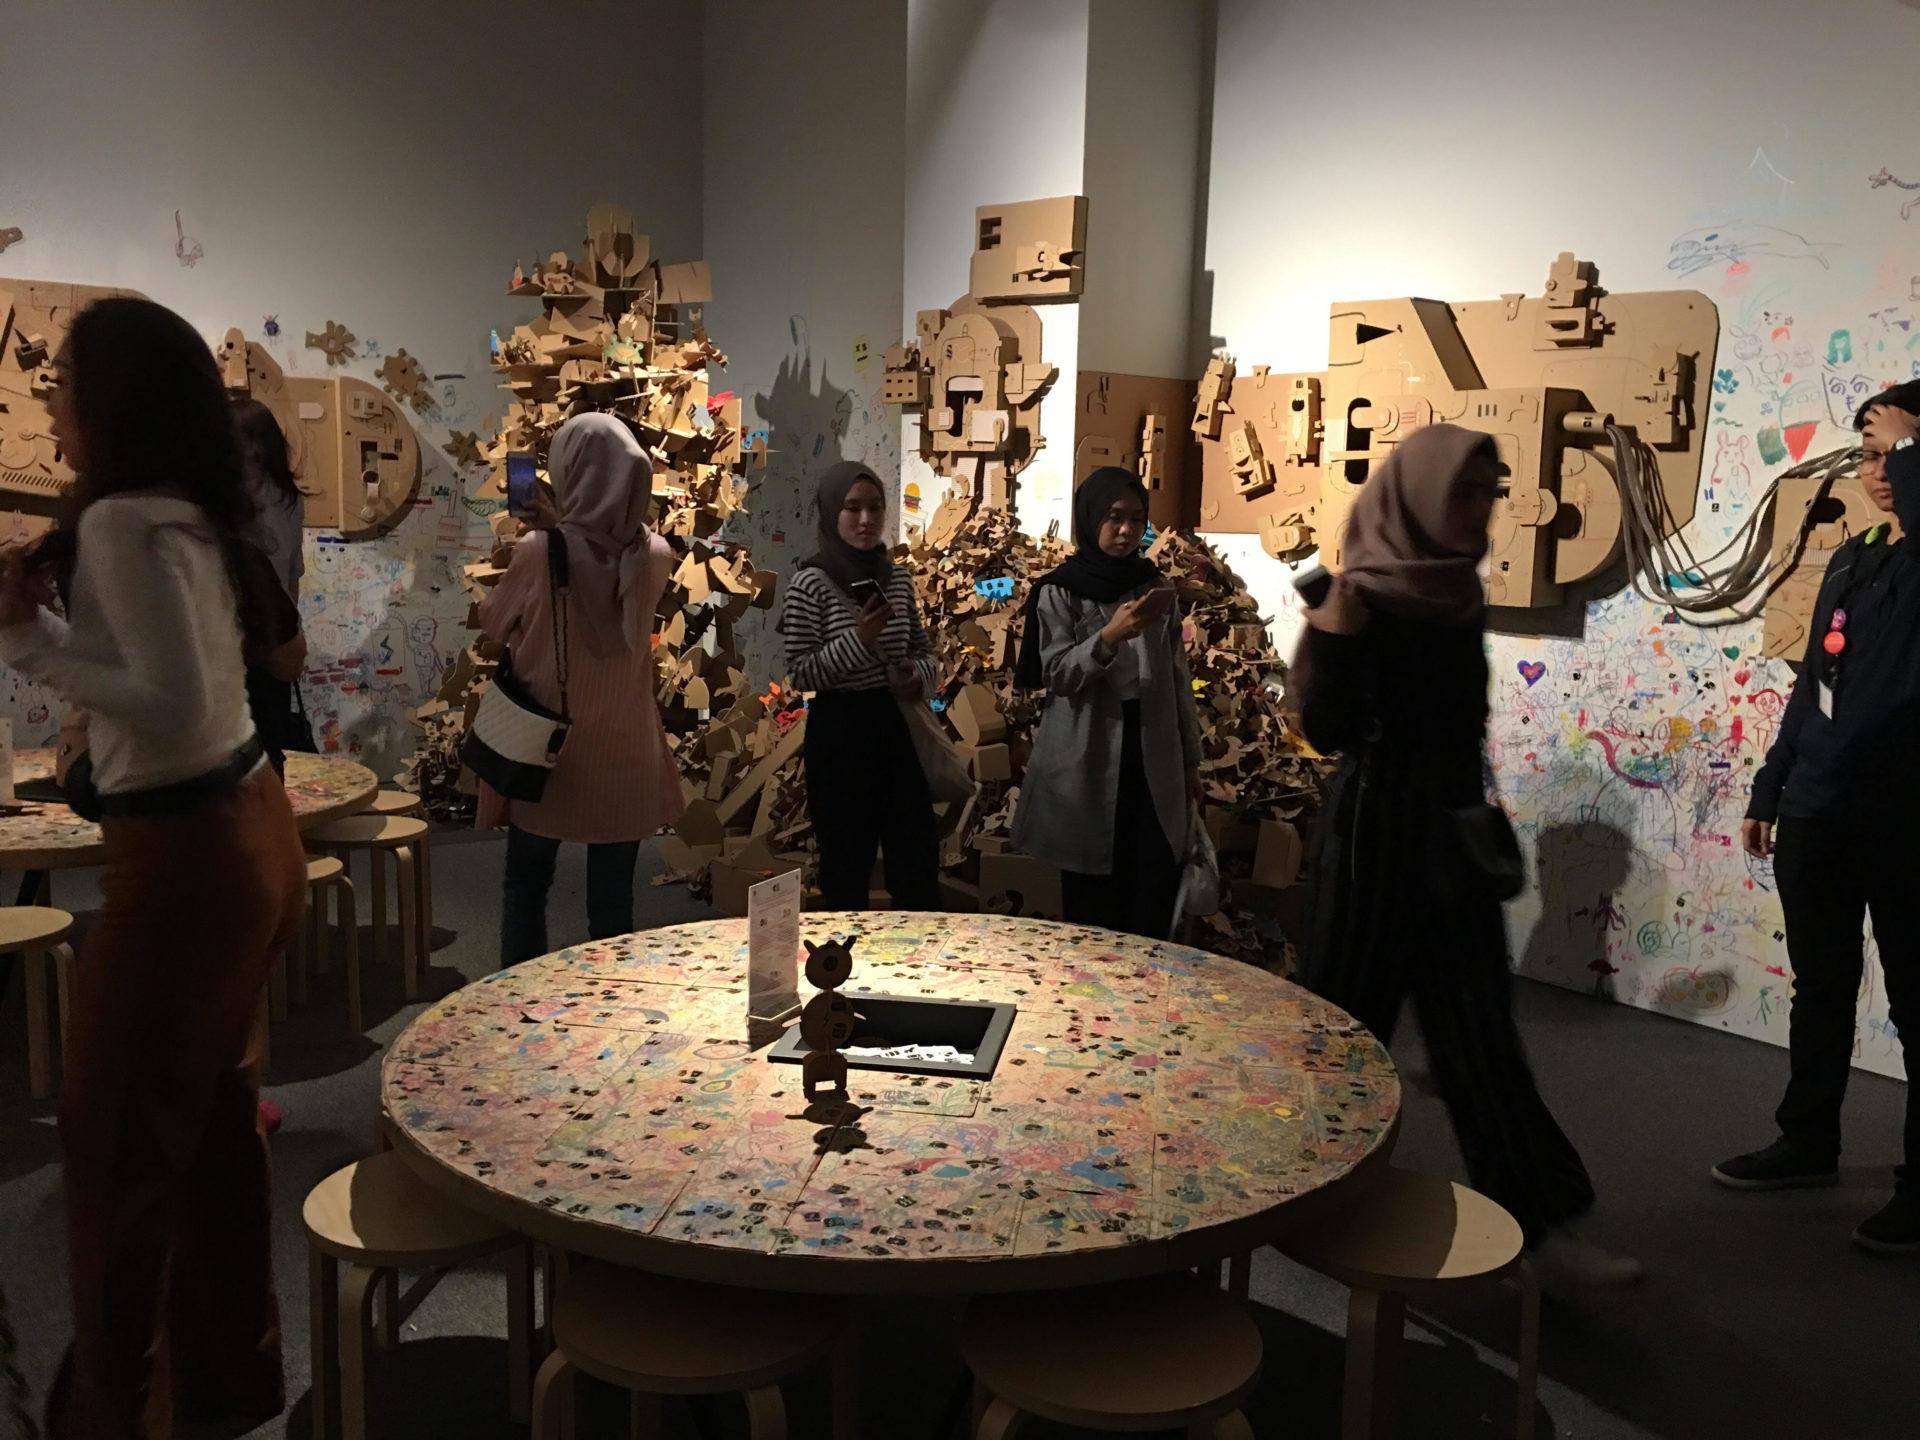 【亞太博物館連線專欄】為藝術教育及文化傳承而生—印尼現代及當代藝術館